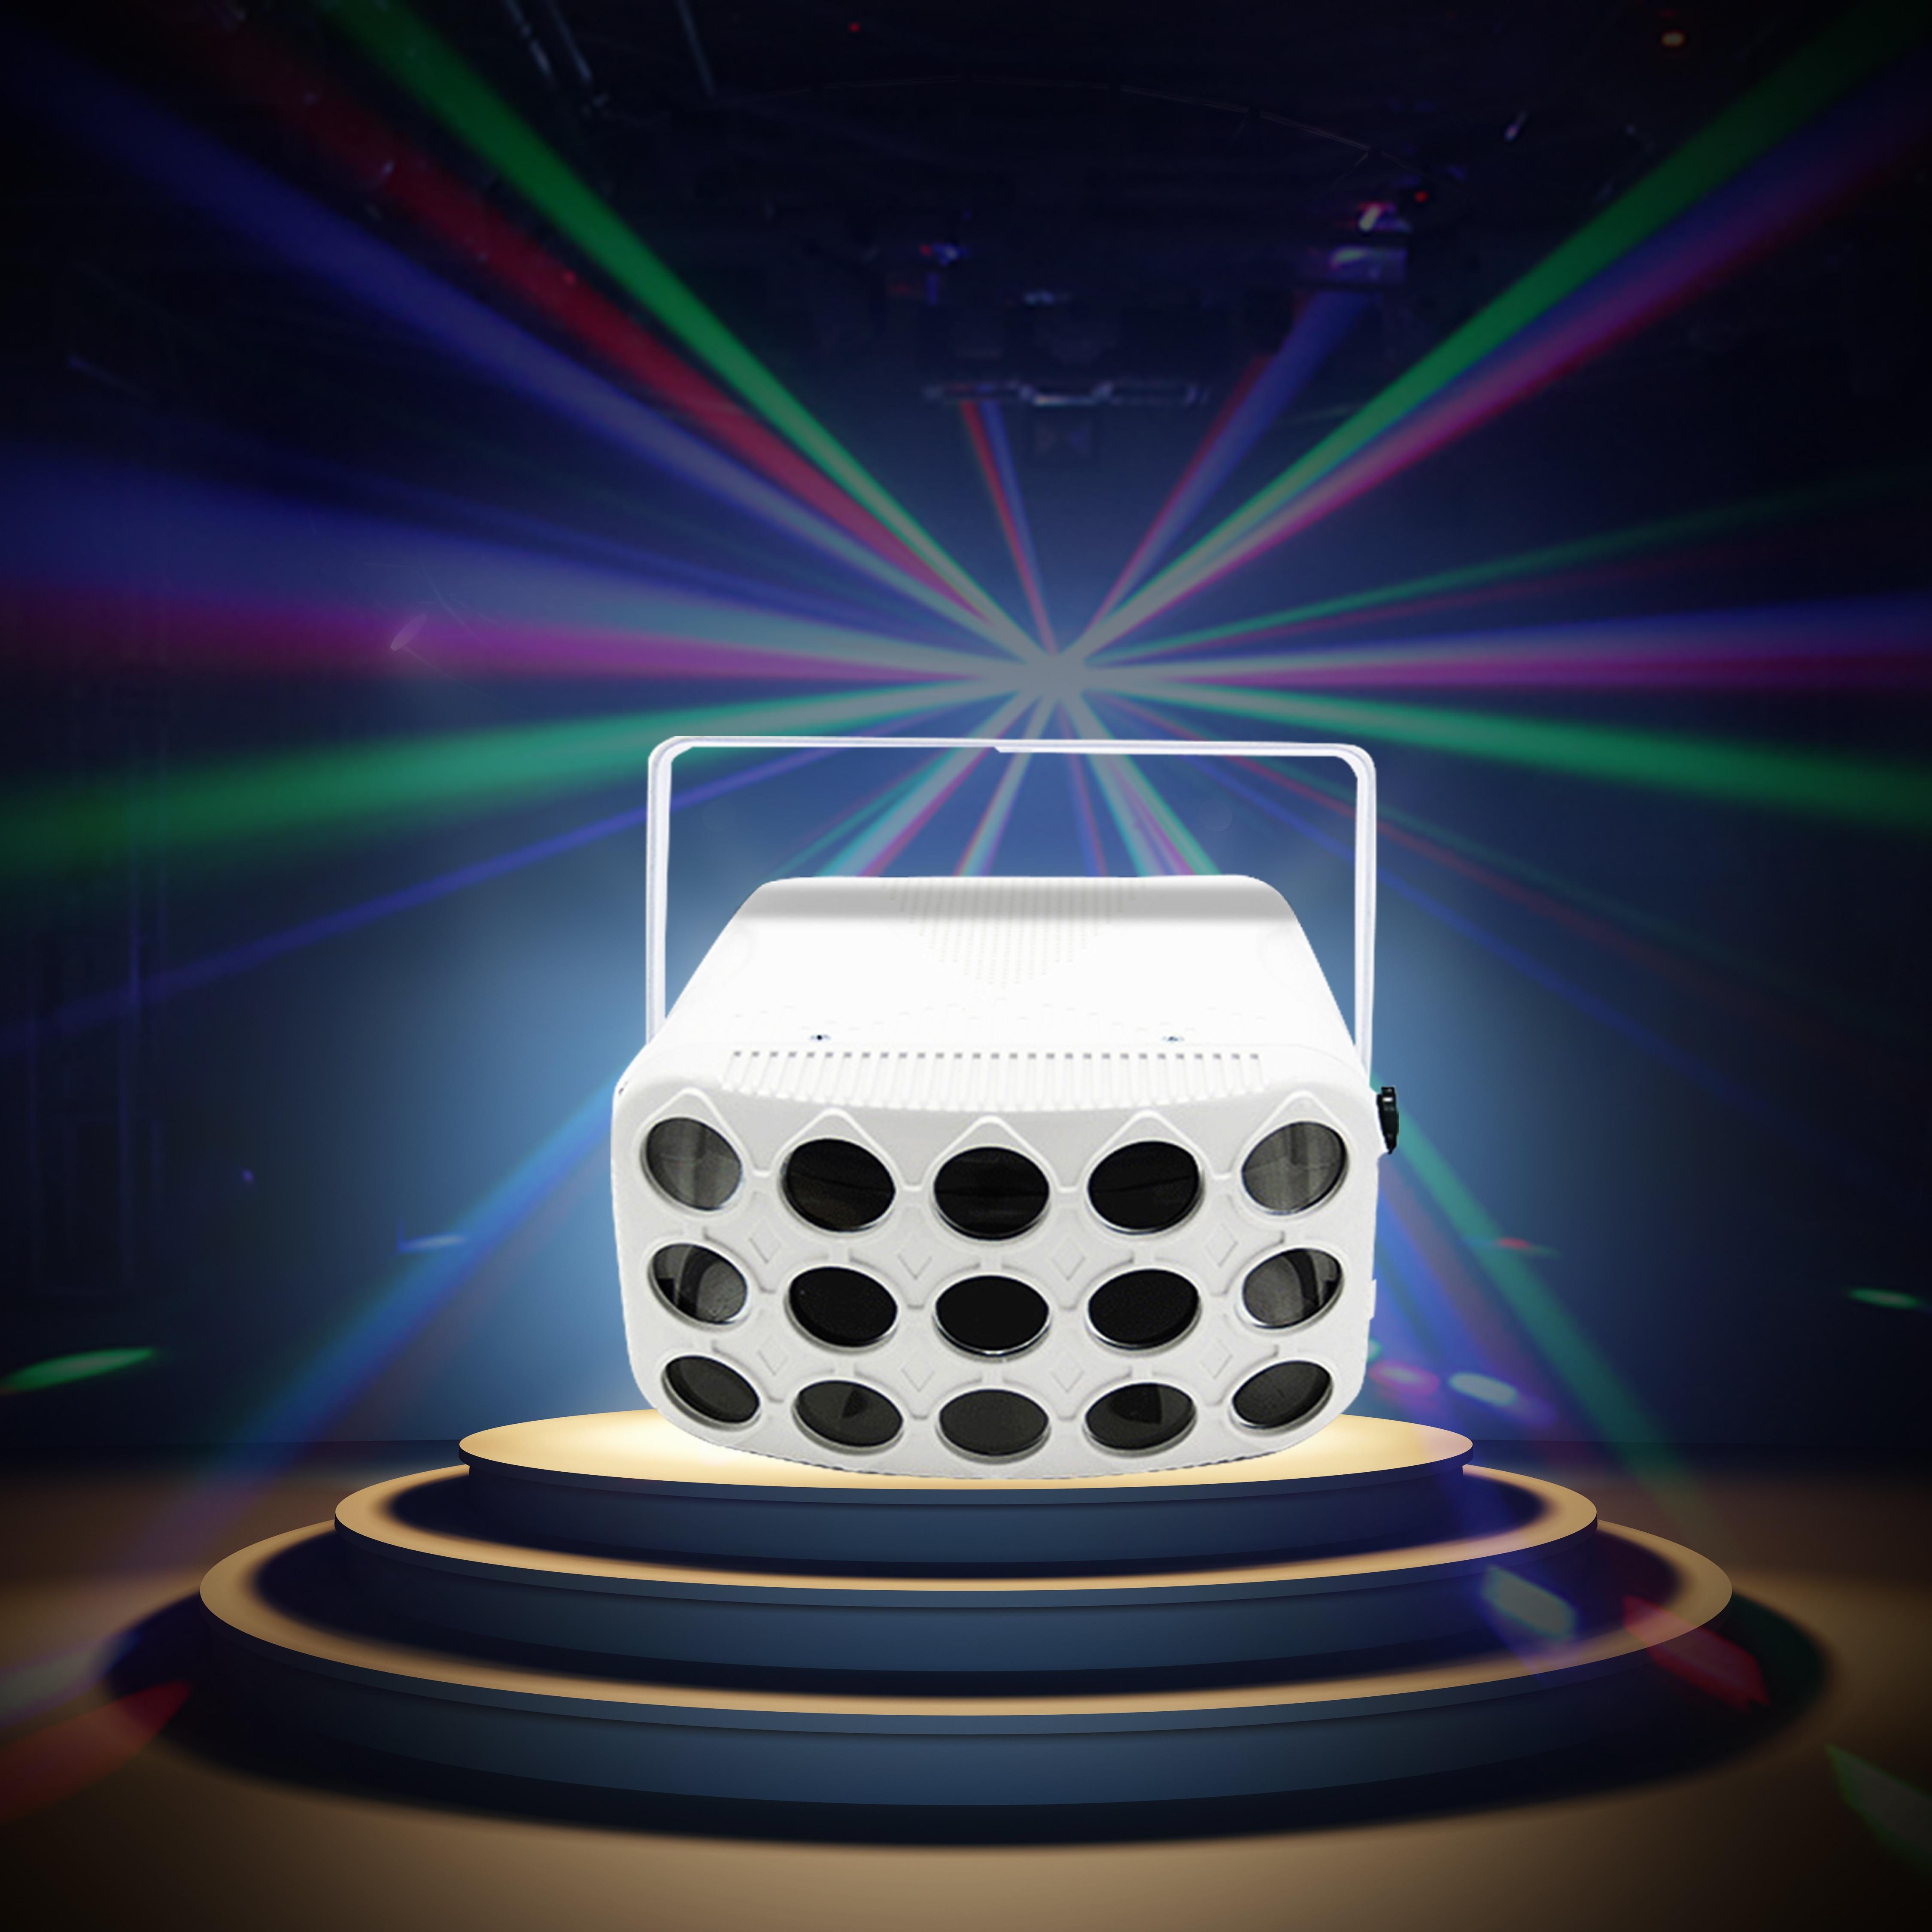 60 W 8 couleurs DMX lampe LED disco 90-240 V papillon fête lumières professionnel faisceau scène éclairage vacances laser projecteur